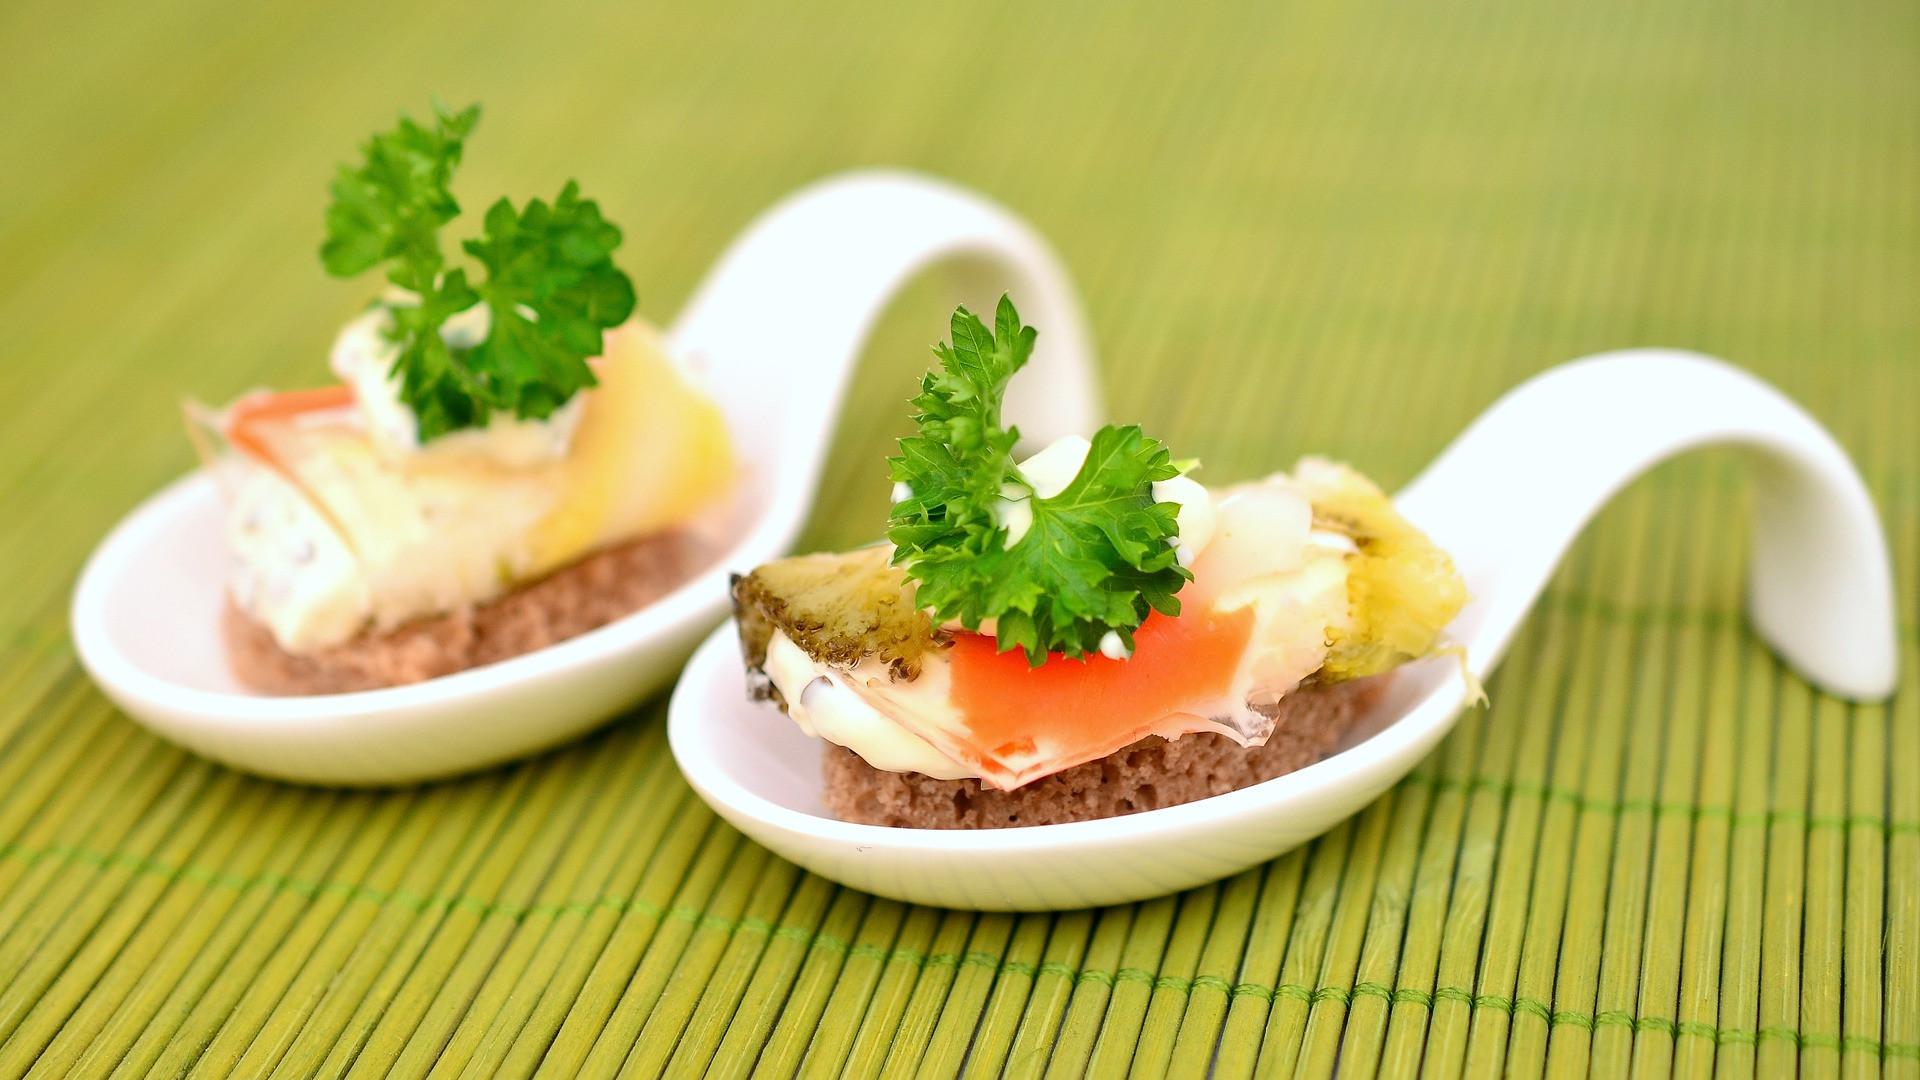 choisir-un-traiteur-italien-plats-savoureux-et-colores.png